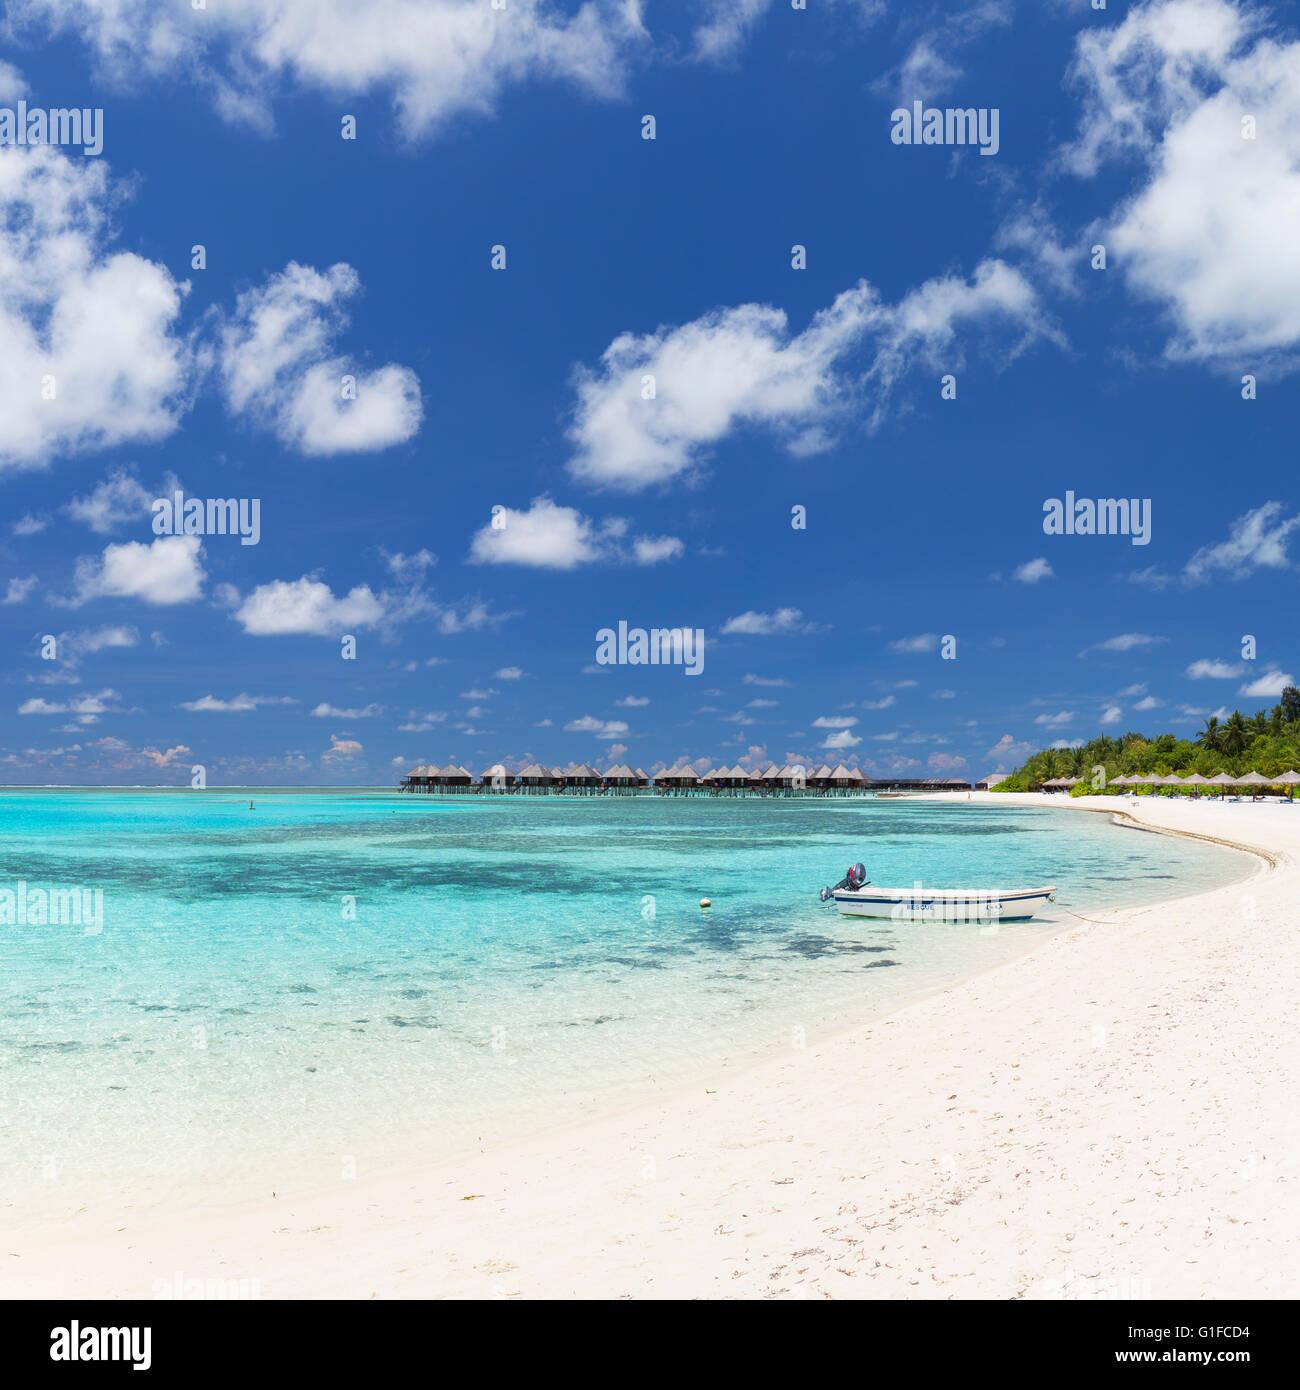 Olhuveli Beach Spa Resort Olhuveli Island